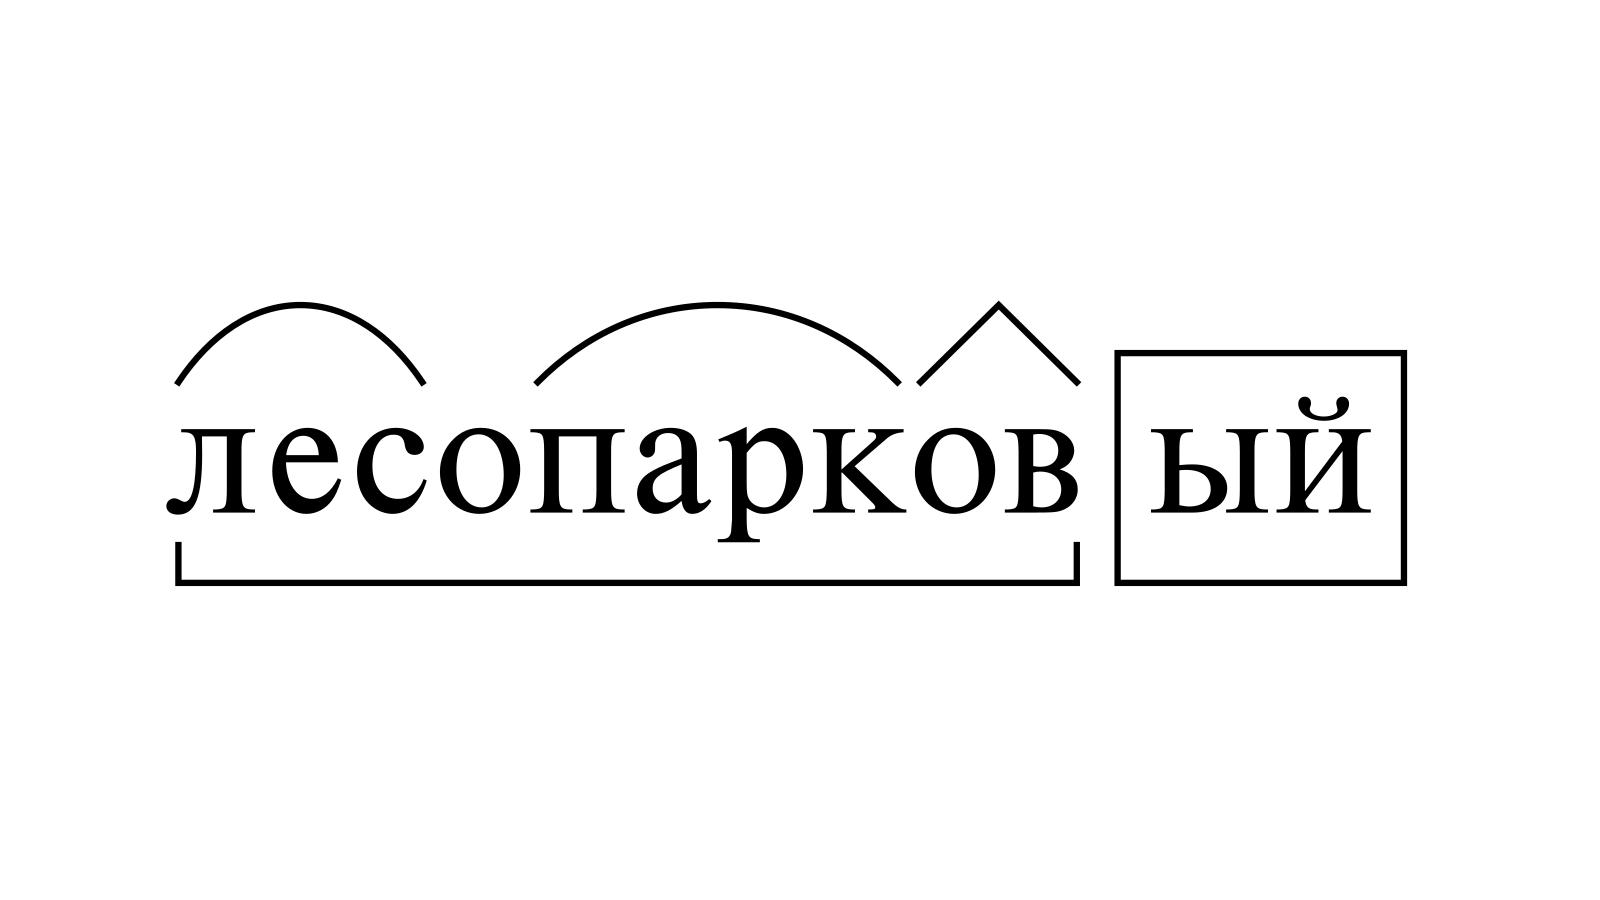 Разбор слова «лесопарковый» по составу